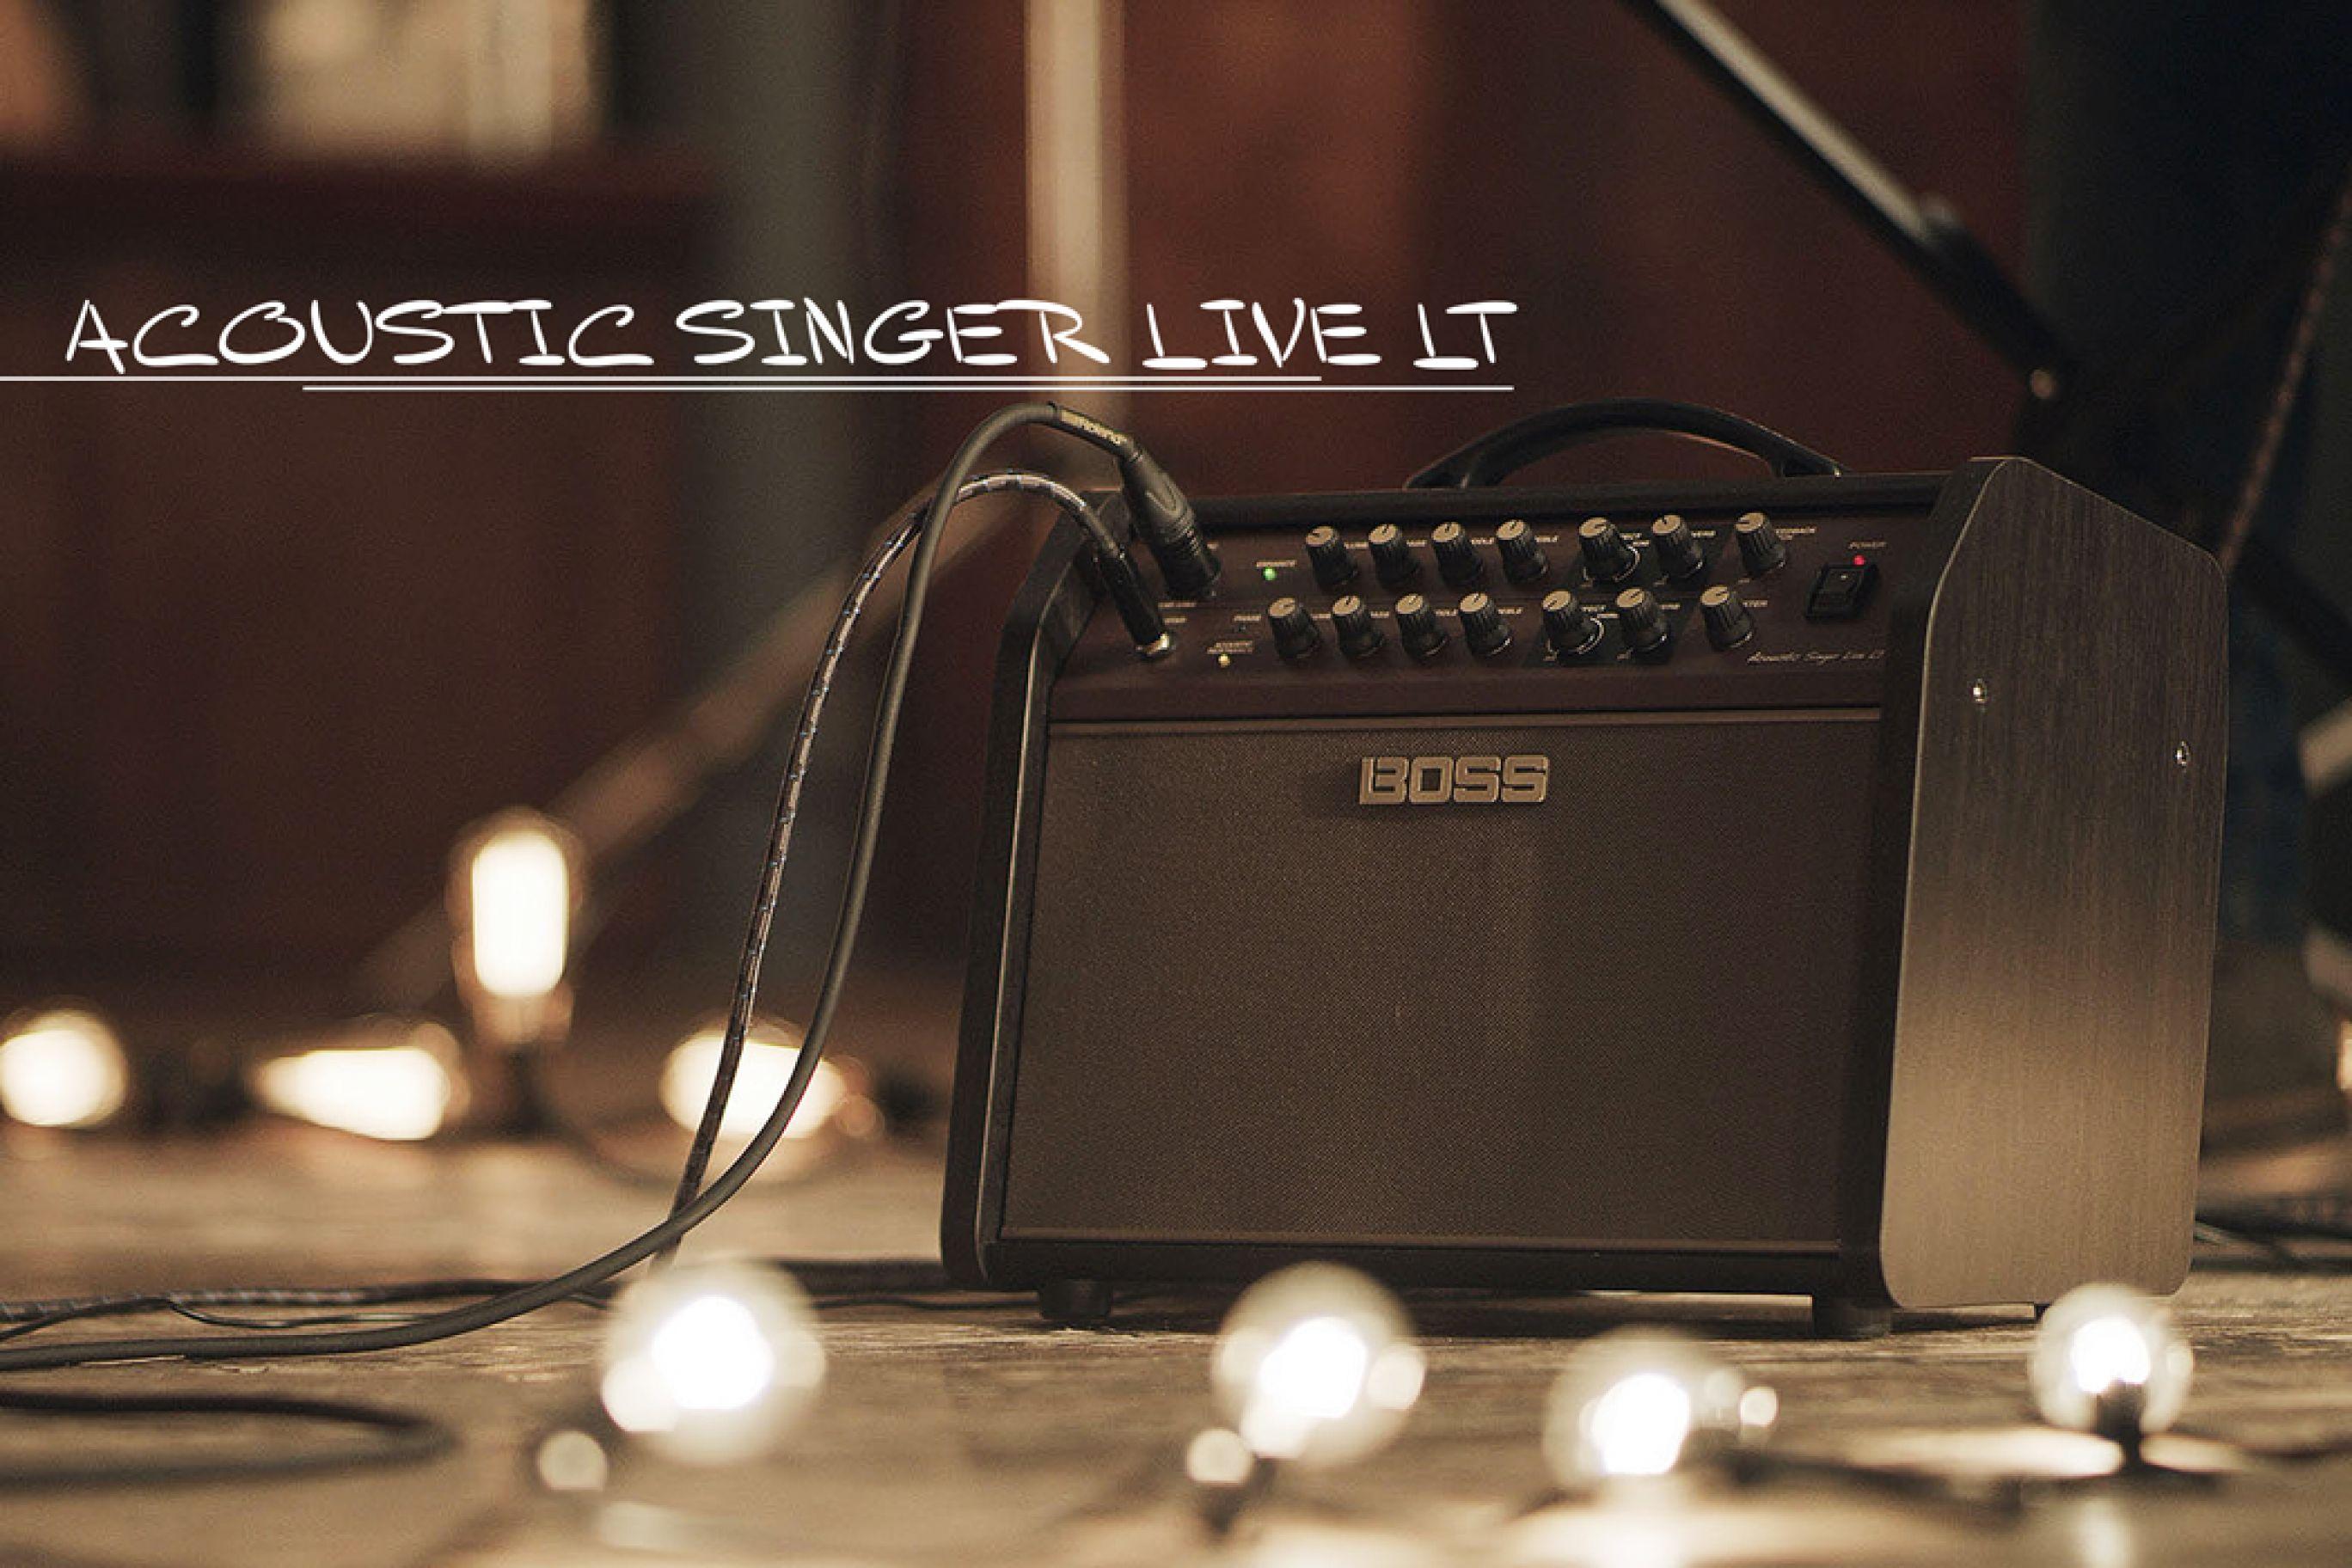 Amplificatori per chitarra e voce: recensione del nuovo Boss Acoustic Singer Live LT